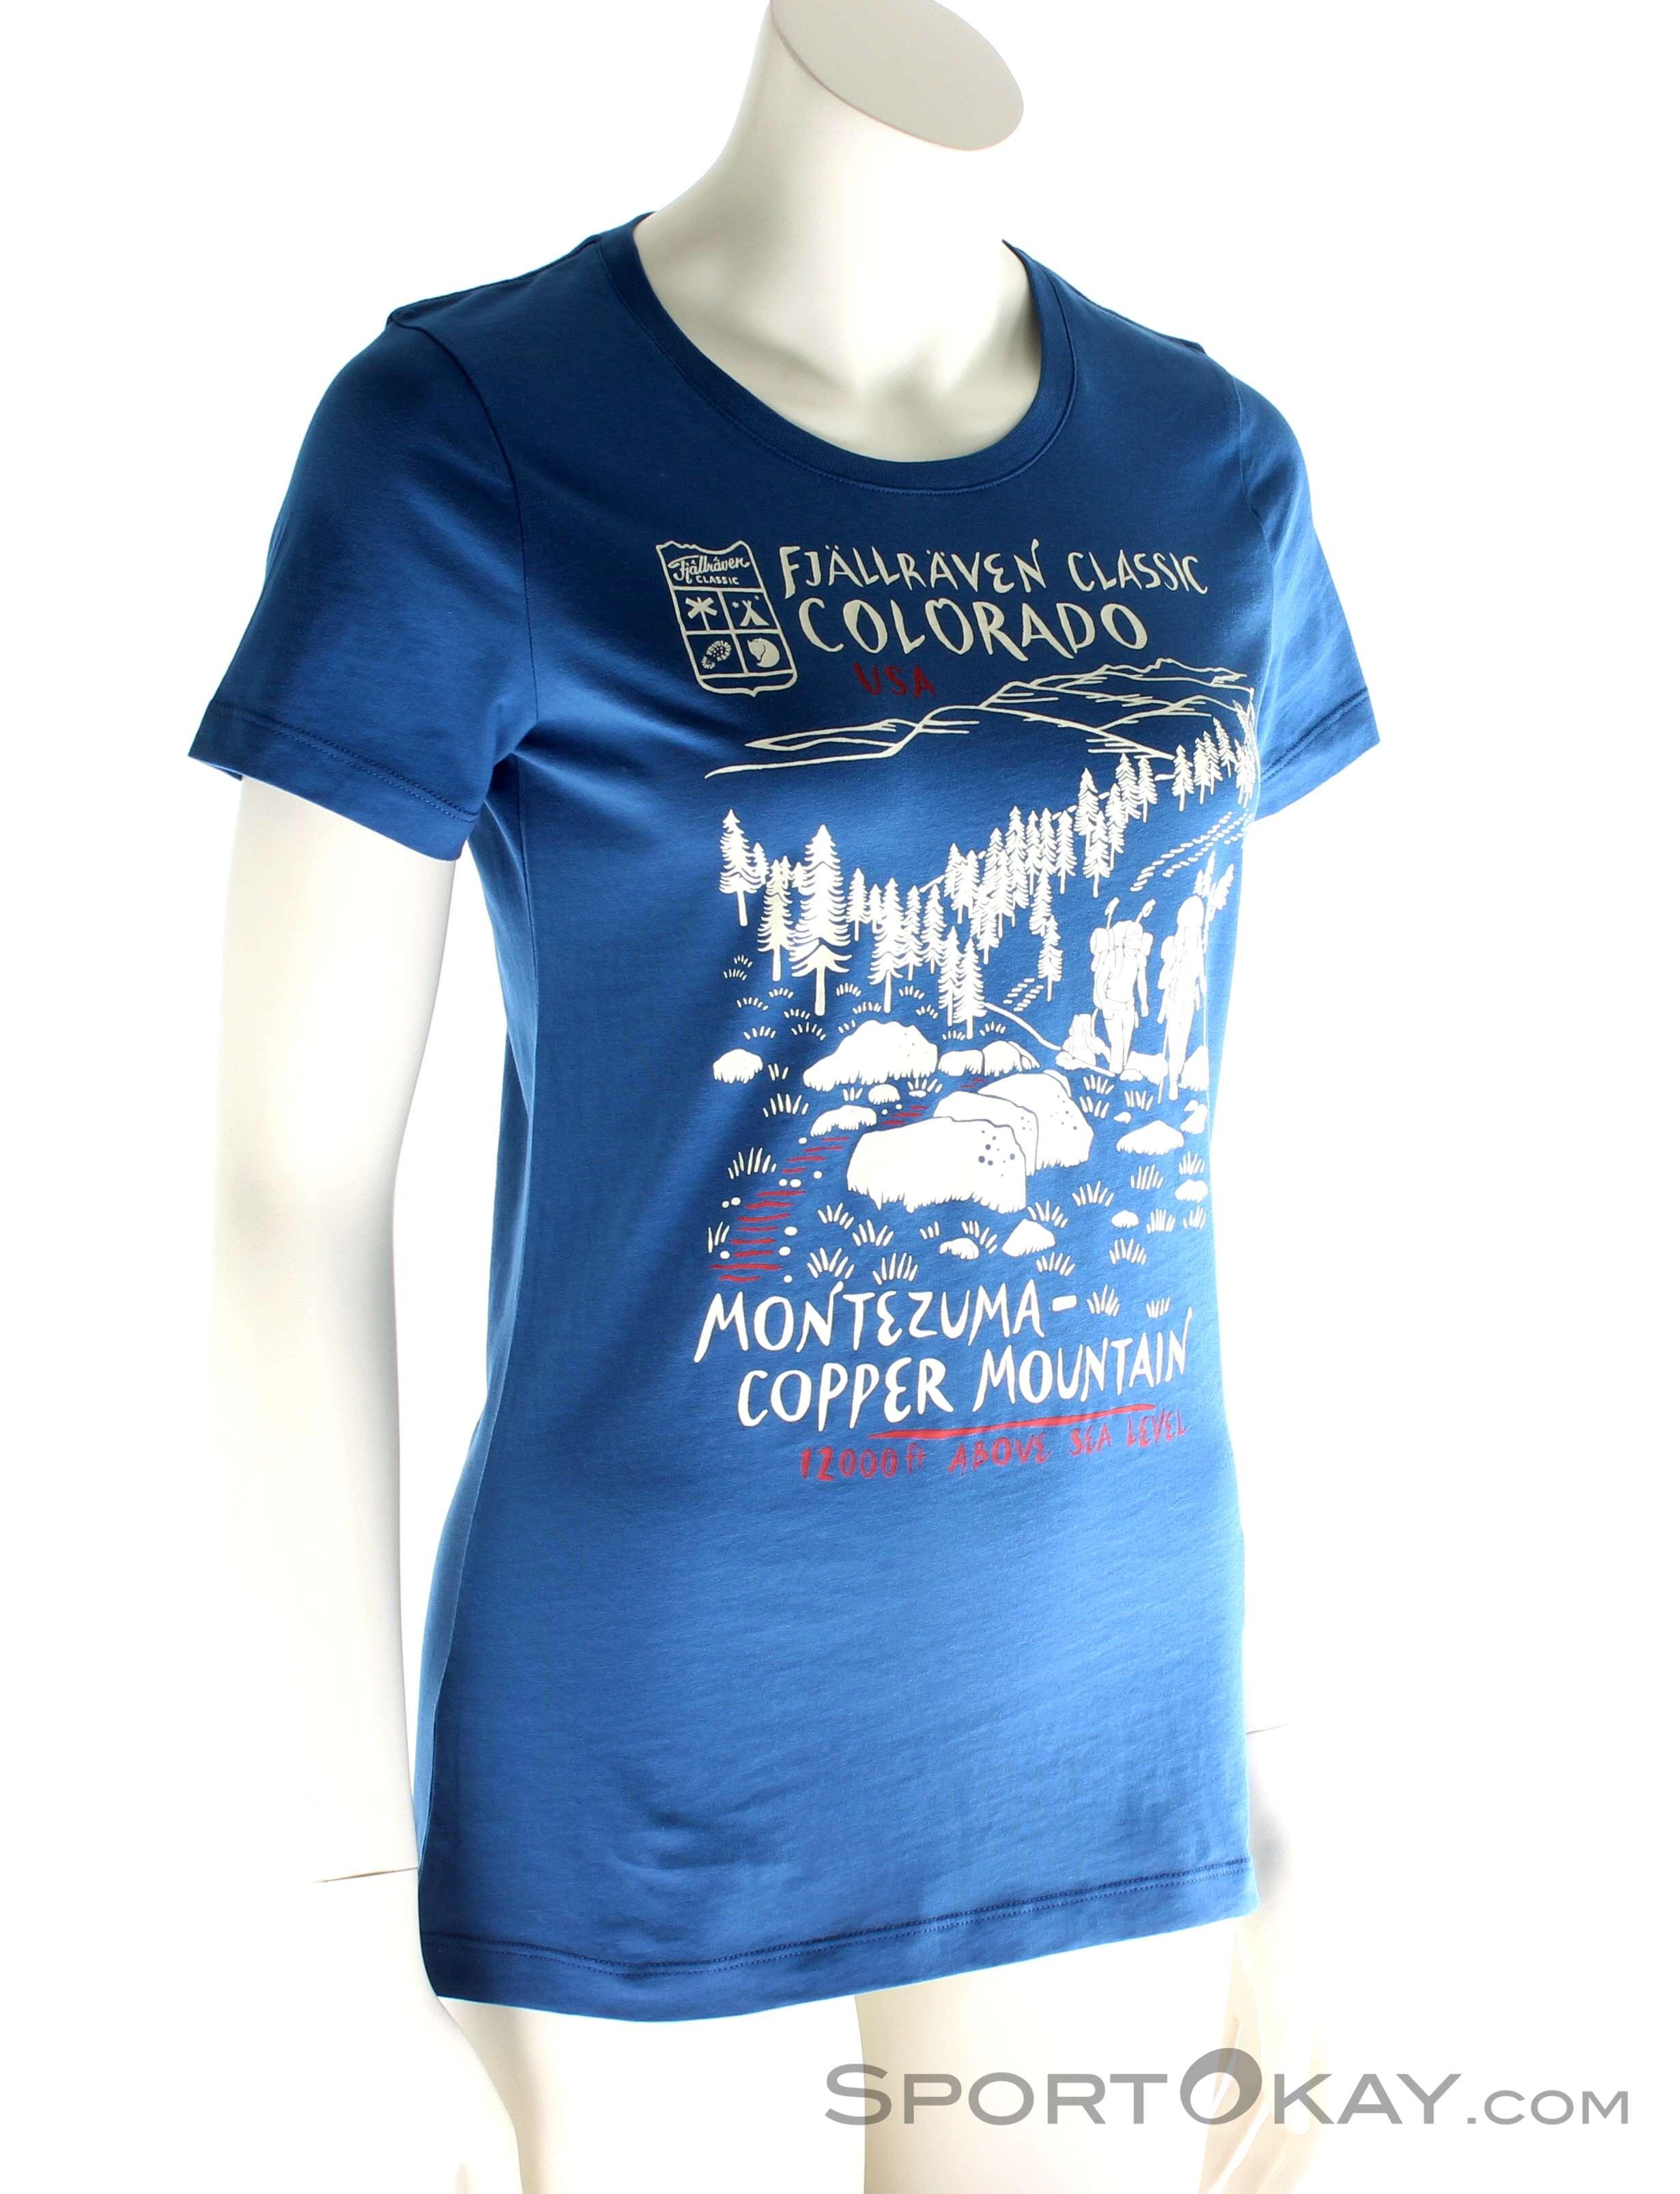 86eaa55736d1de Fjällräven Classic US Shirt Damen T-Shirt - Shirts   Hemden ...